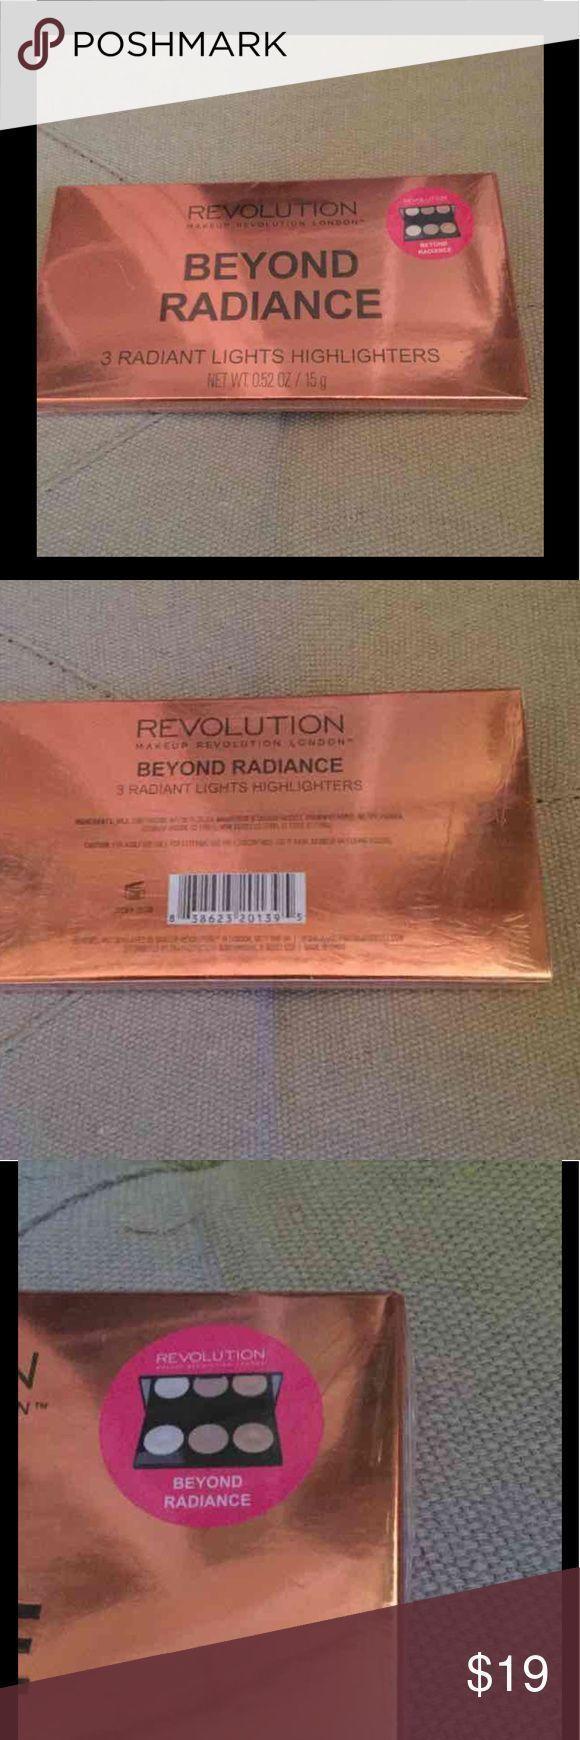 Makeup Radiance REVOLUTION Textmarker Makeup Makeup